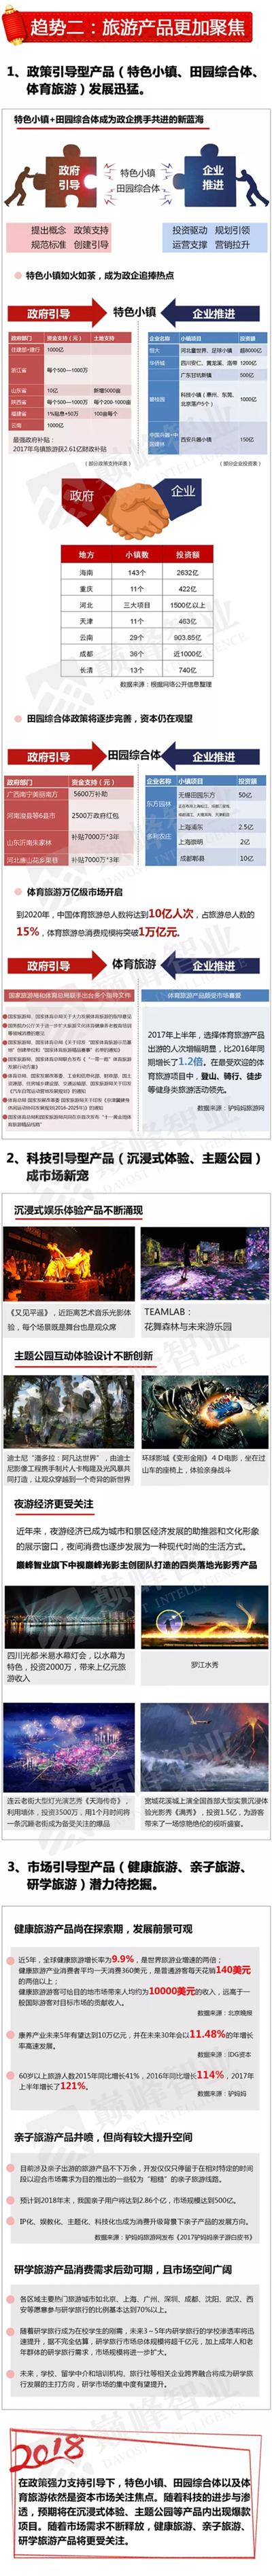 2018年中国旅游八大趋势研判